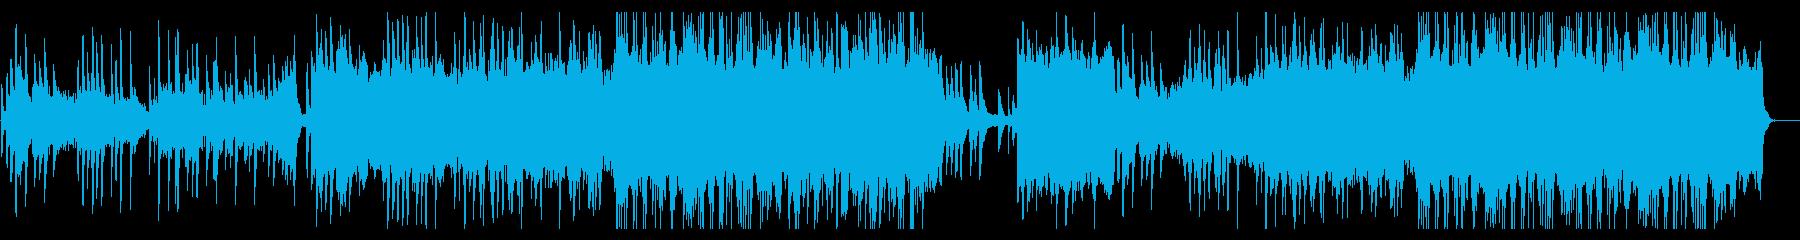 ピアノとストリングスの穏やかな曲。の再生済みの波形